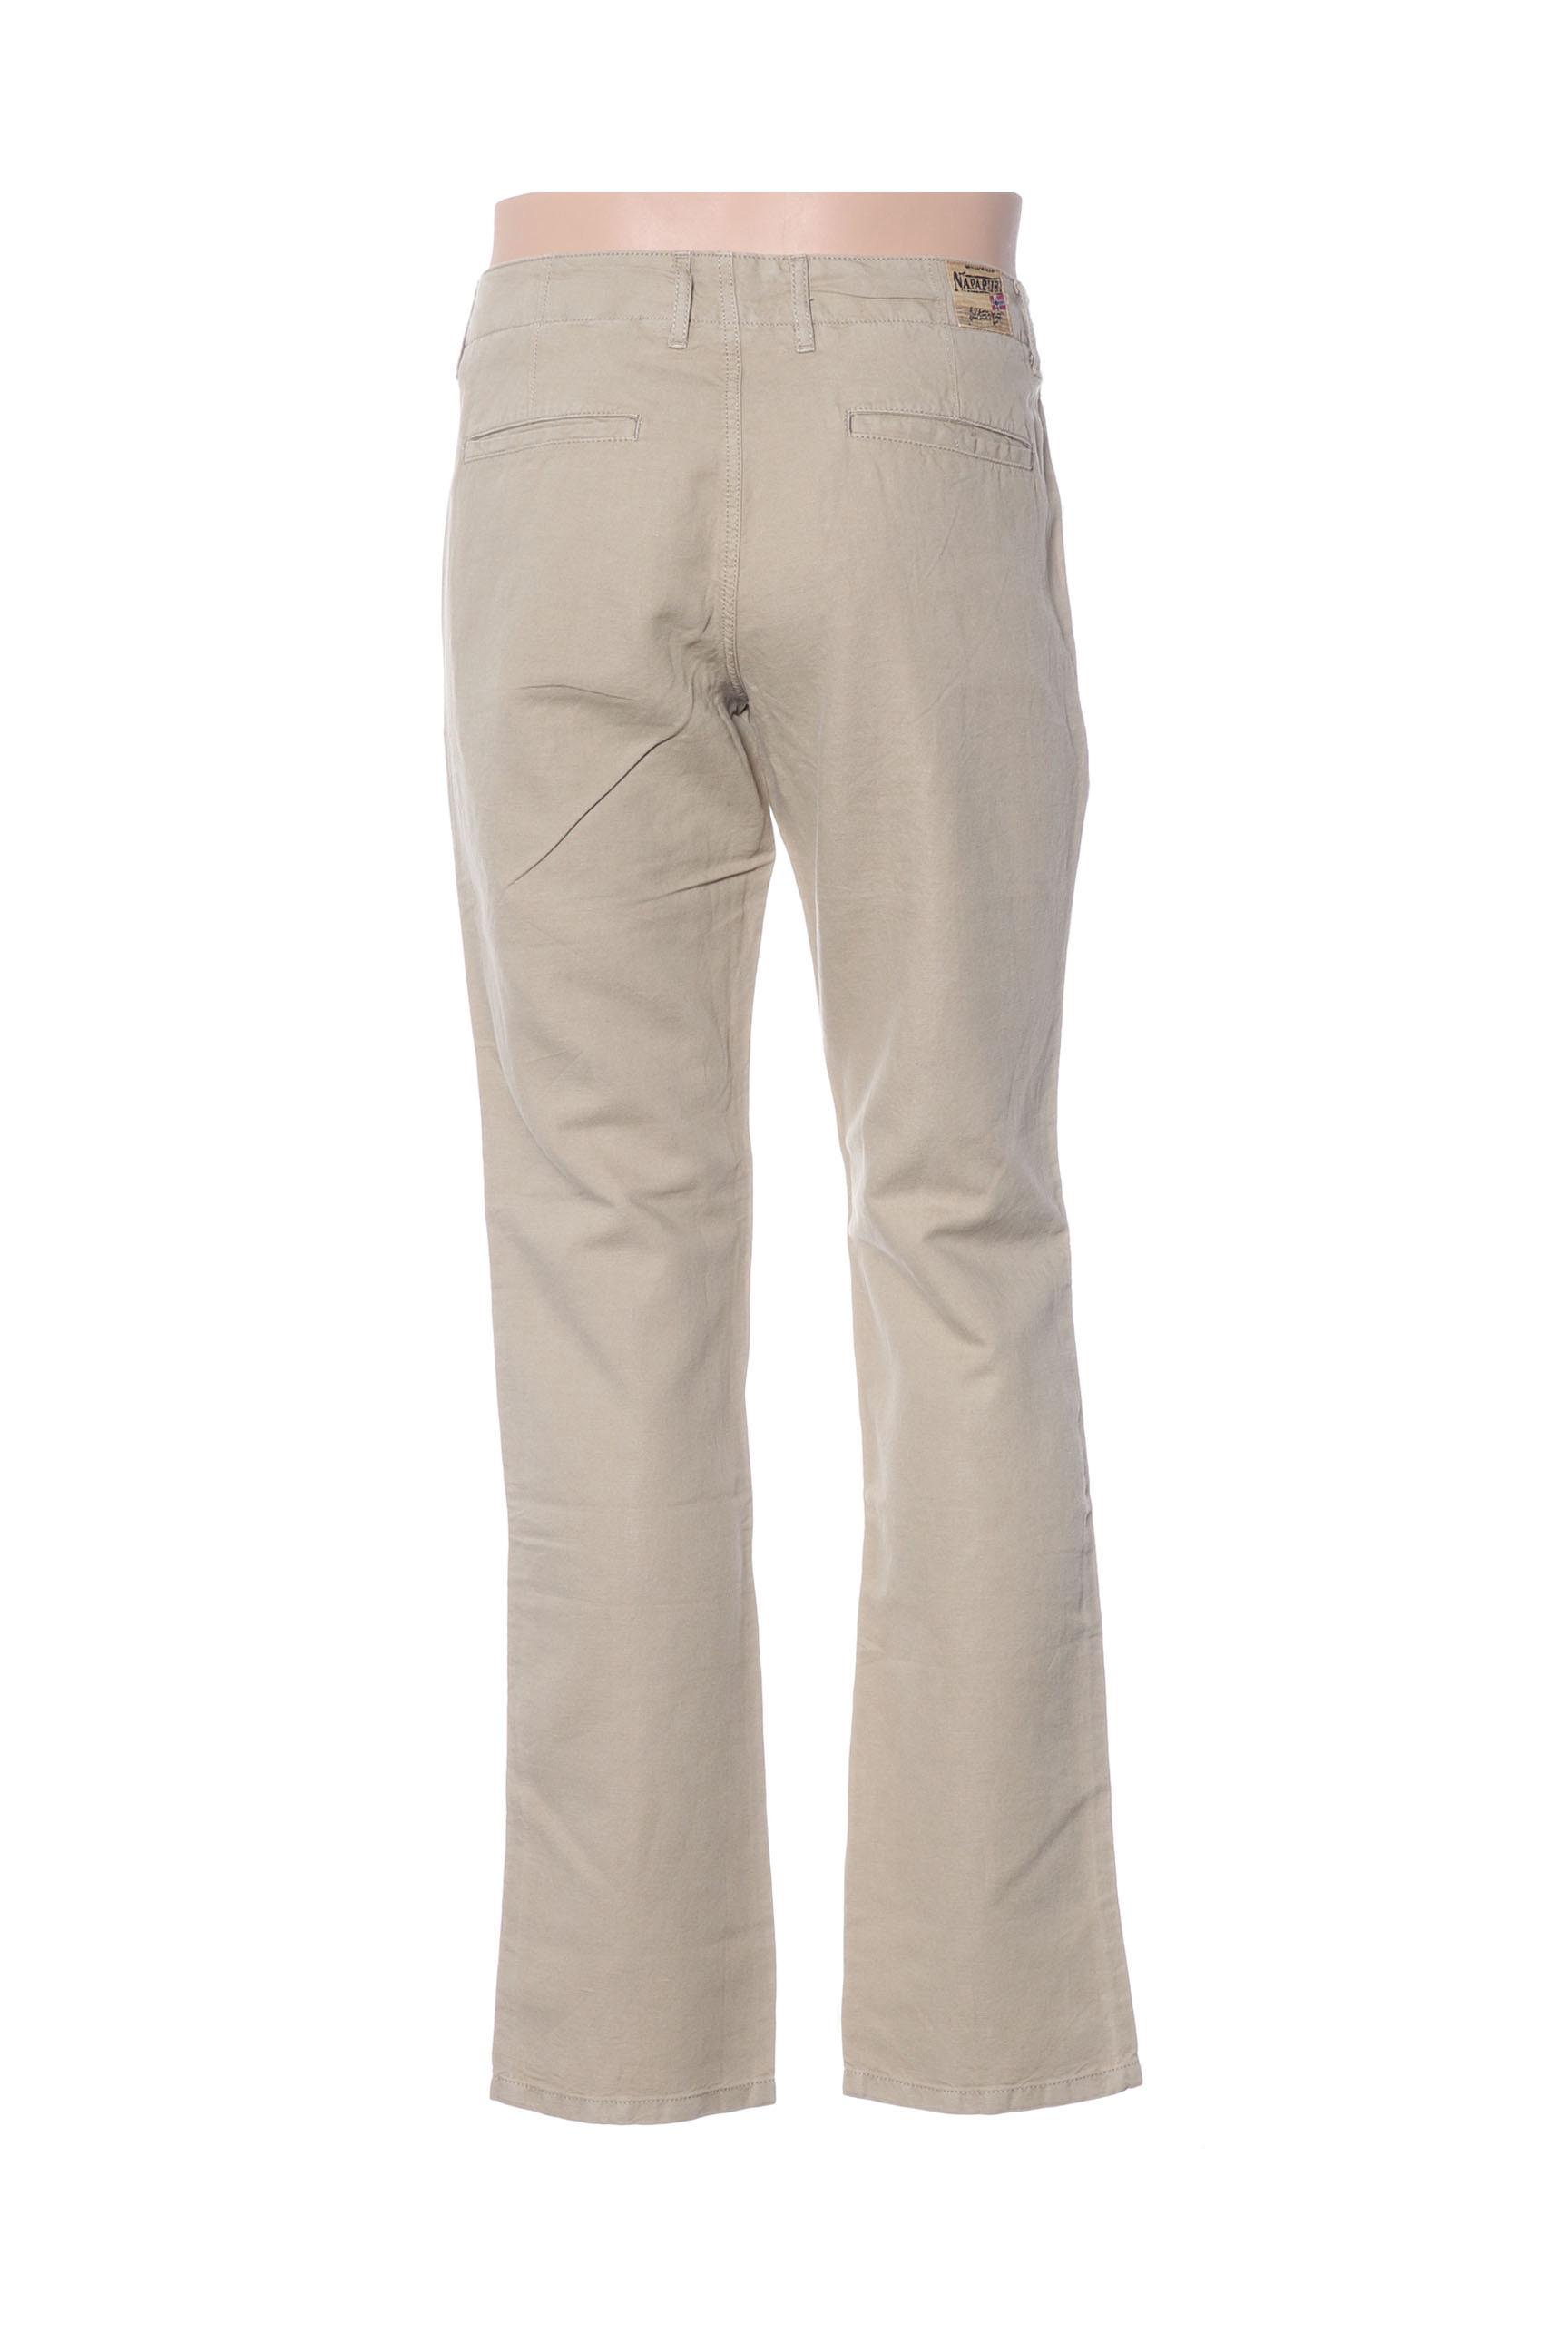 Napapijri Pantalons Decontractes Homme De Couleur Vert En Soldes Pas Cher 1409018-vert00